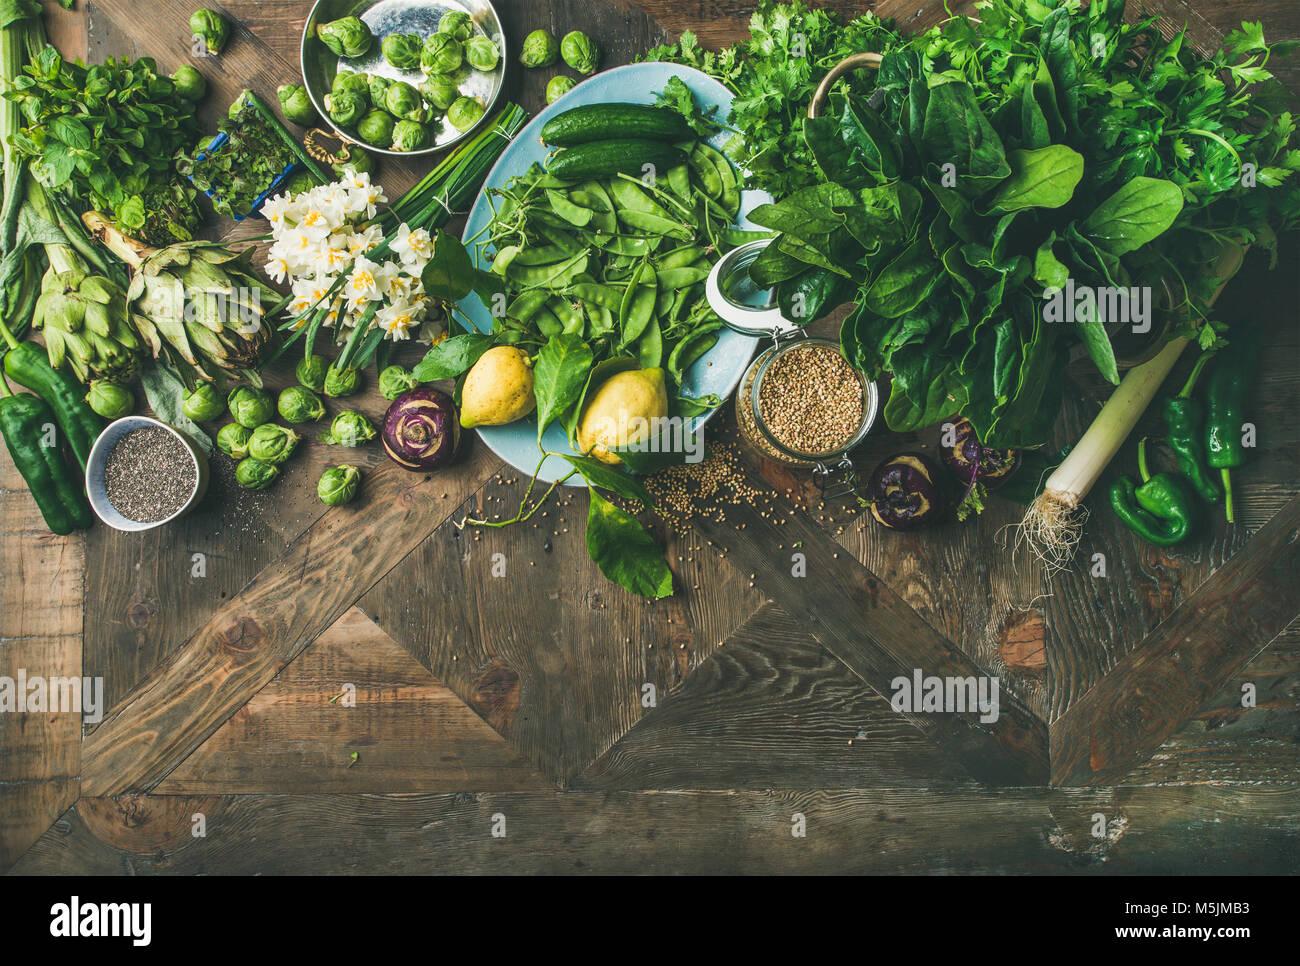 La nourriture végétalienne saine du printemps sur fond de bois ingrédients de cuisine Banque D'Images